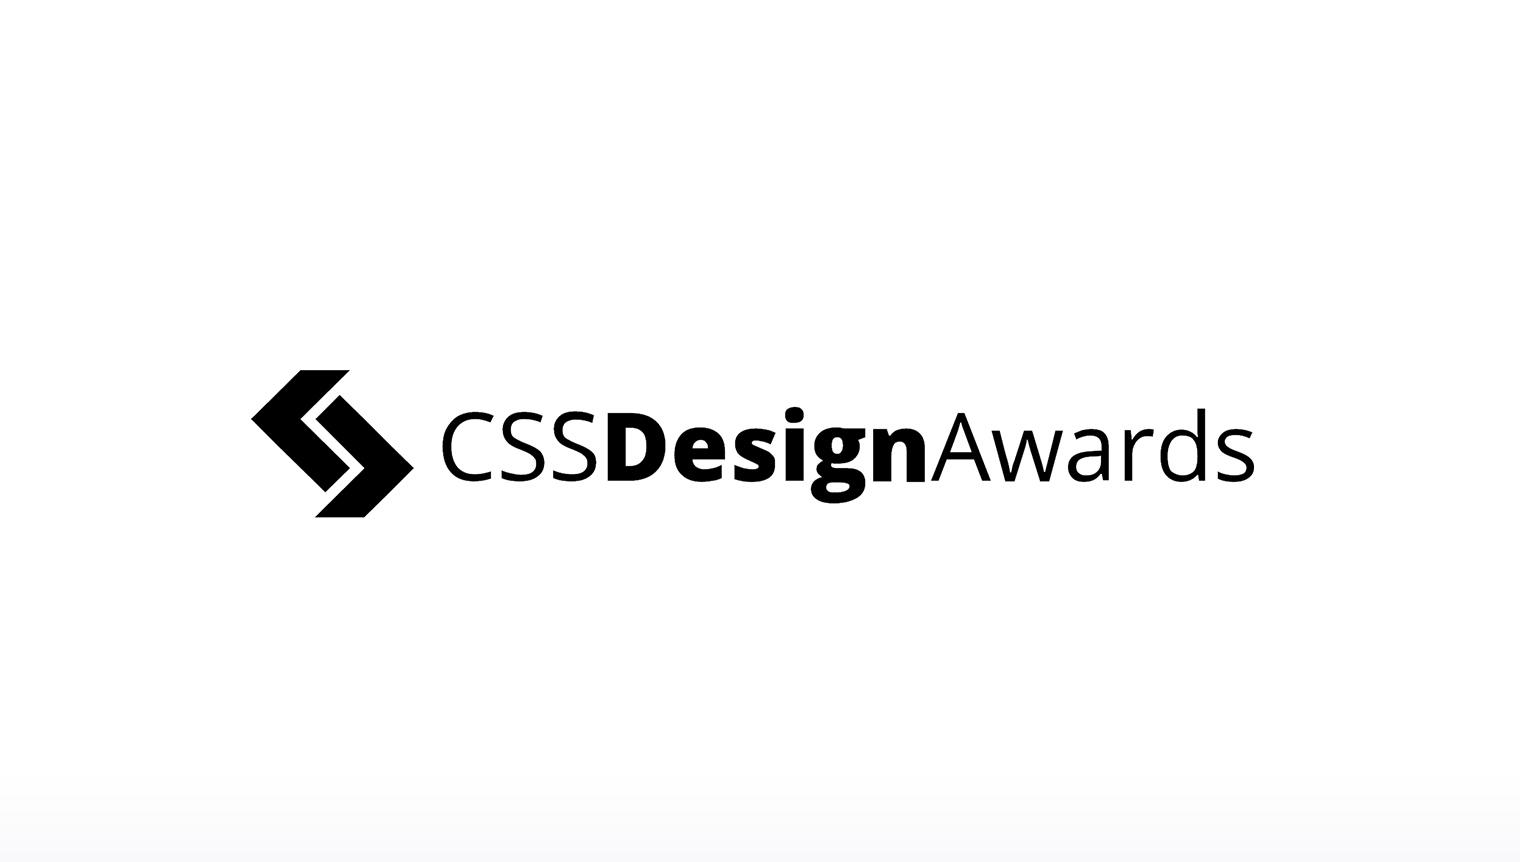 弊社の実績サイトが、『CSSDesignAwards』にてSpecialKudosを受賞しました。